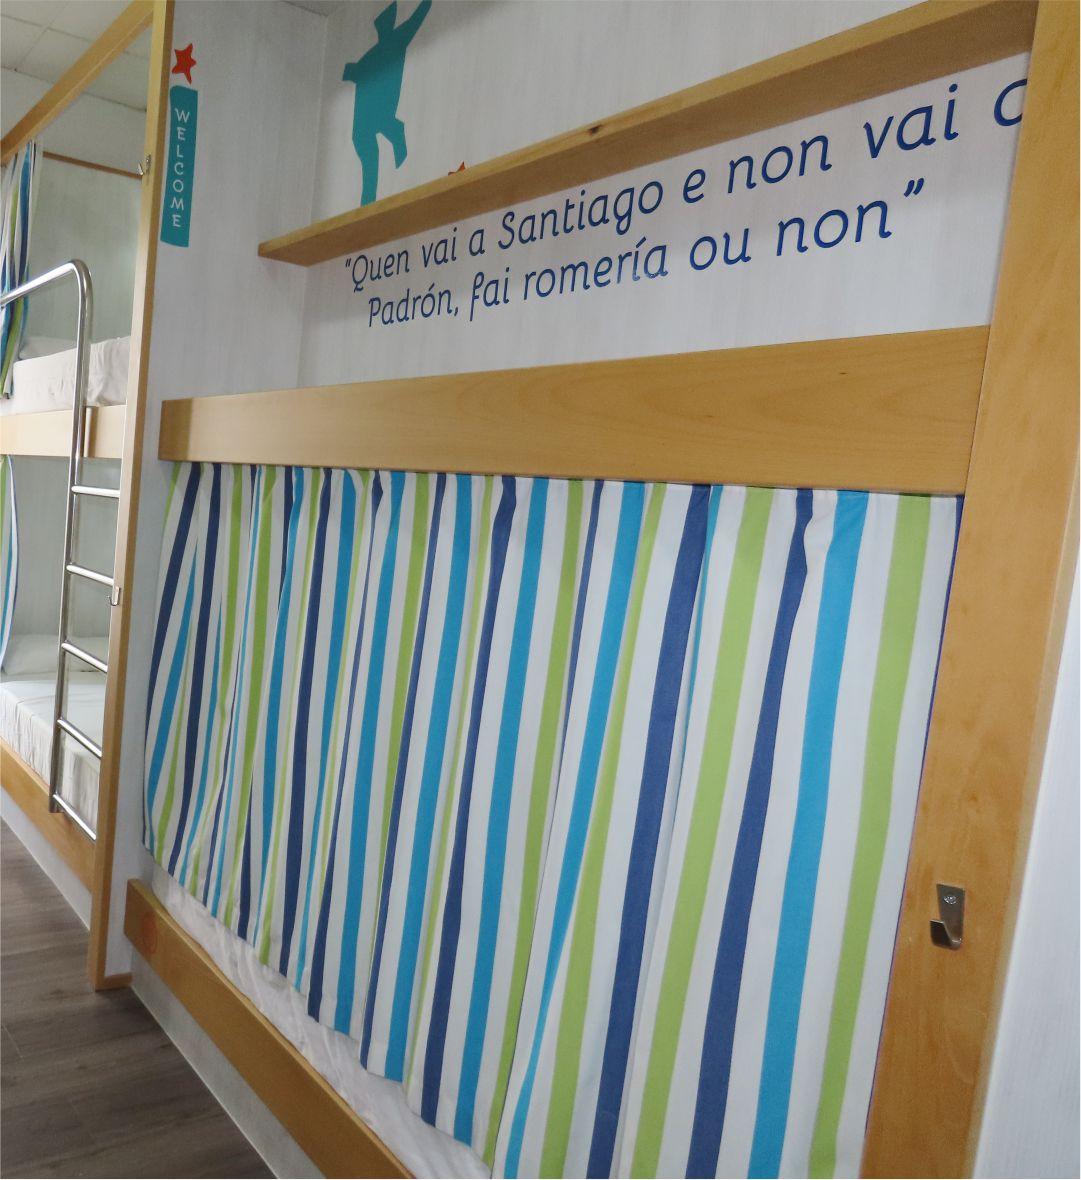 Cama con cortina cerrada - Bed with closed curtain